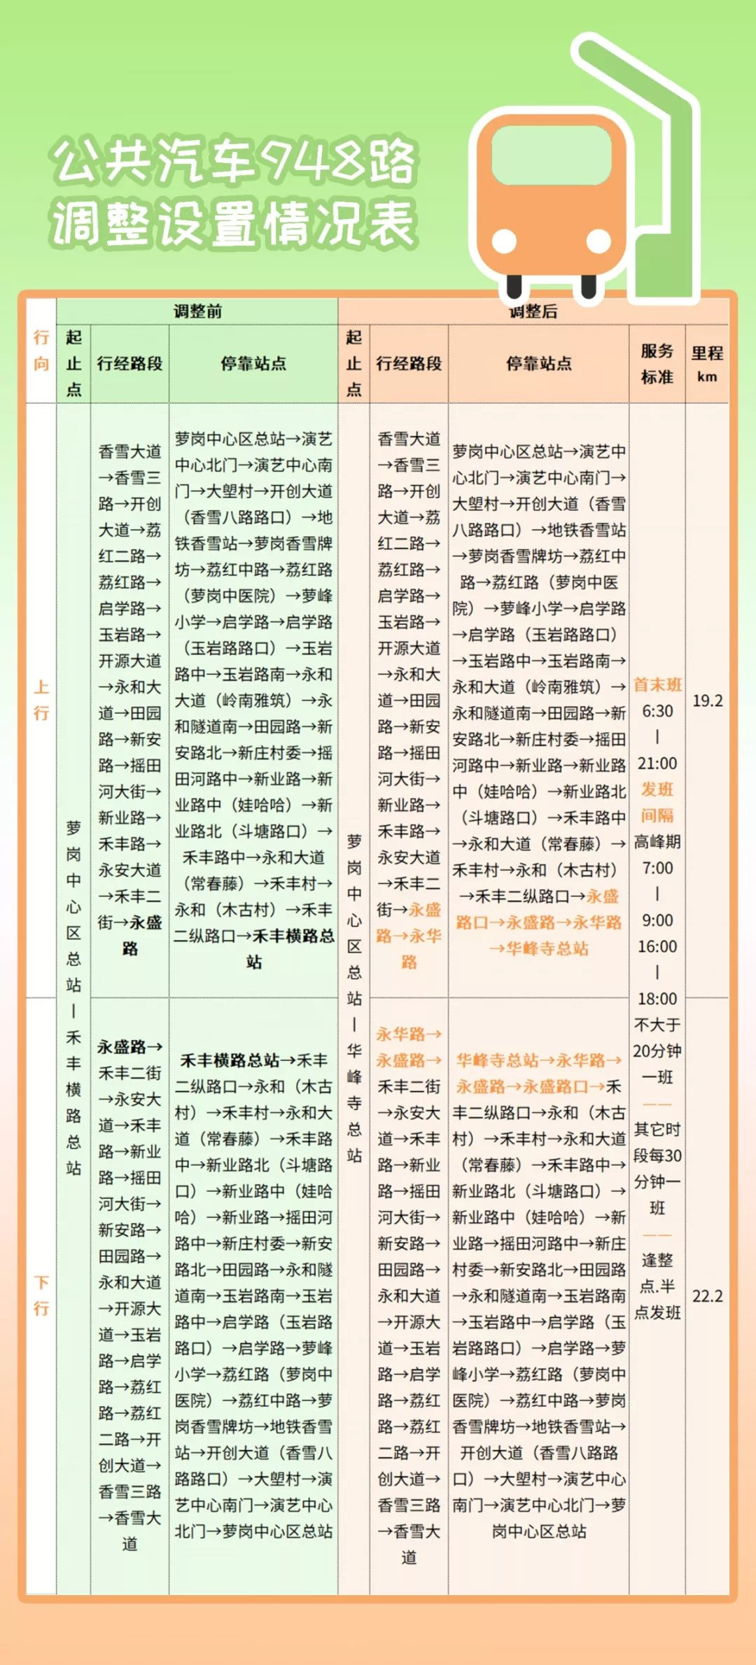 2019年12月21日起广州948路公交车路线调整详情一览